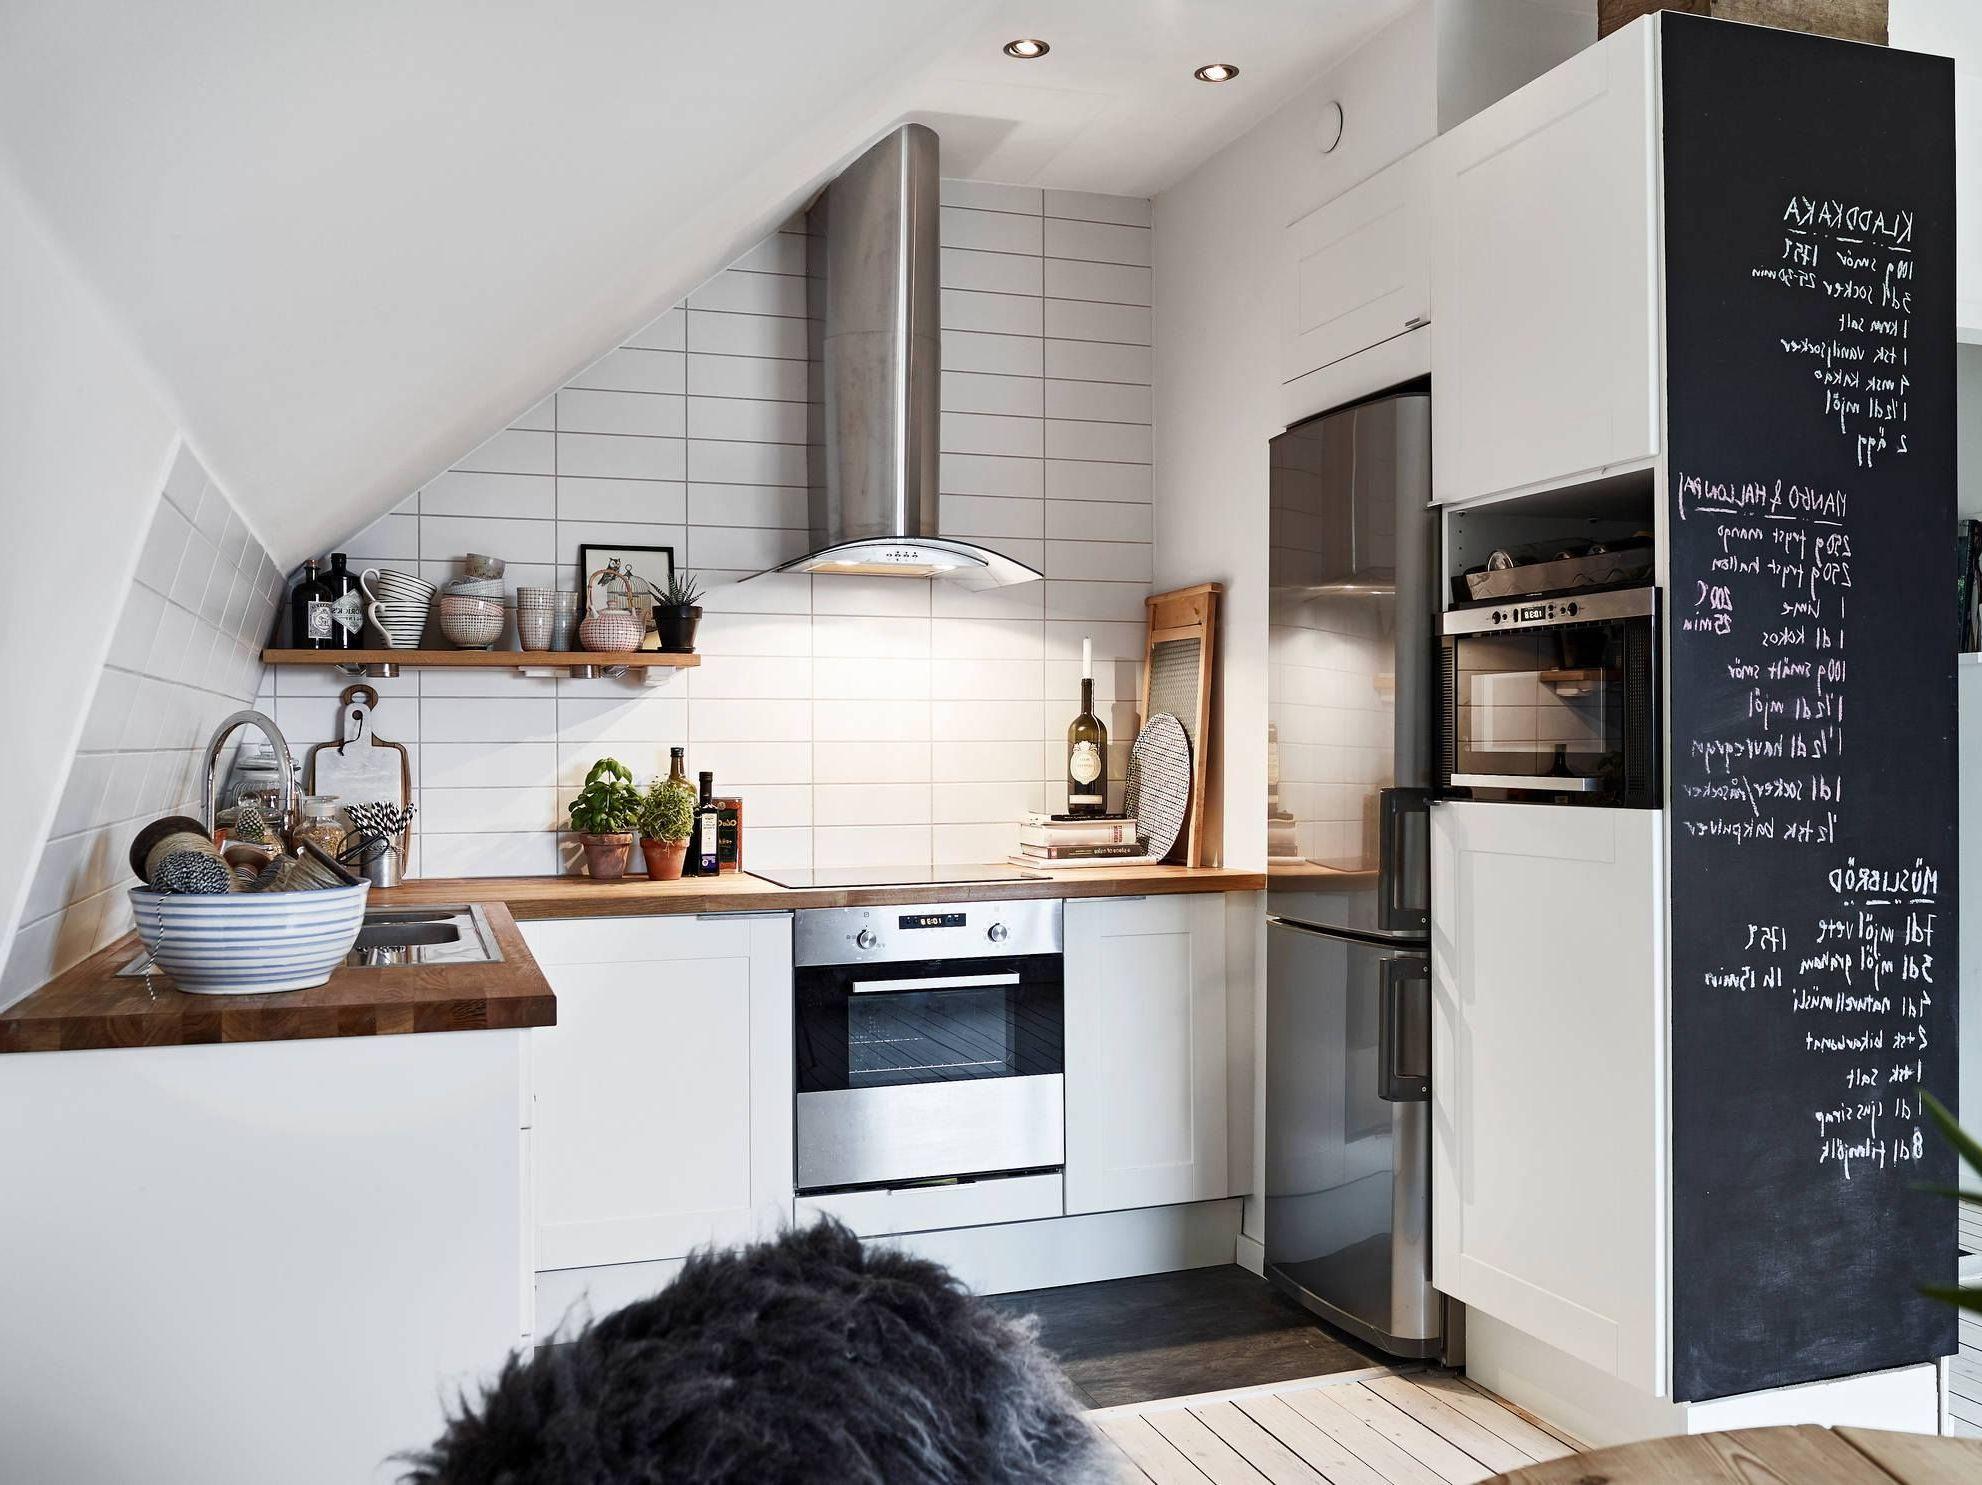 Kreidetafel Küche - was ist besser eine Küchenwand oder Schrank mit Kreidetafel?